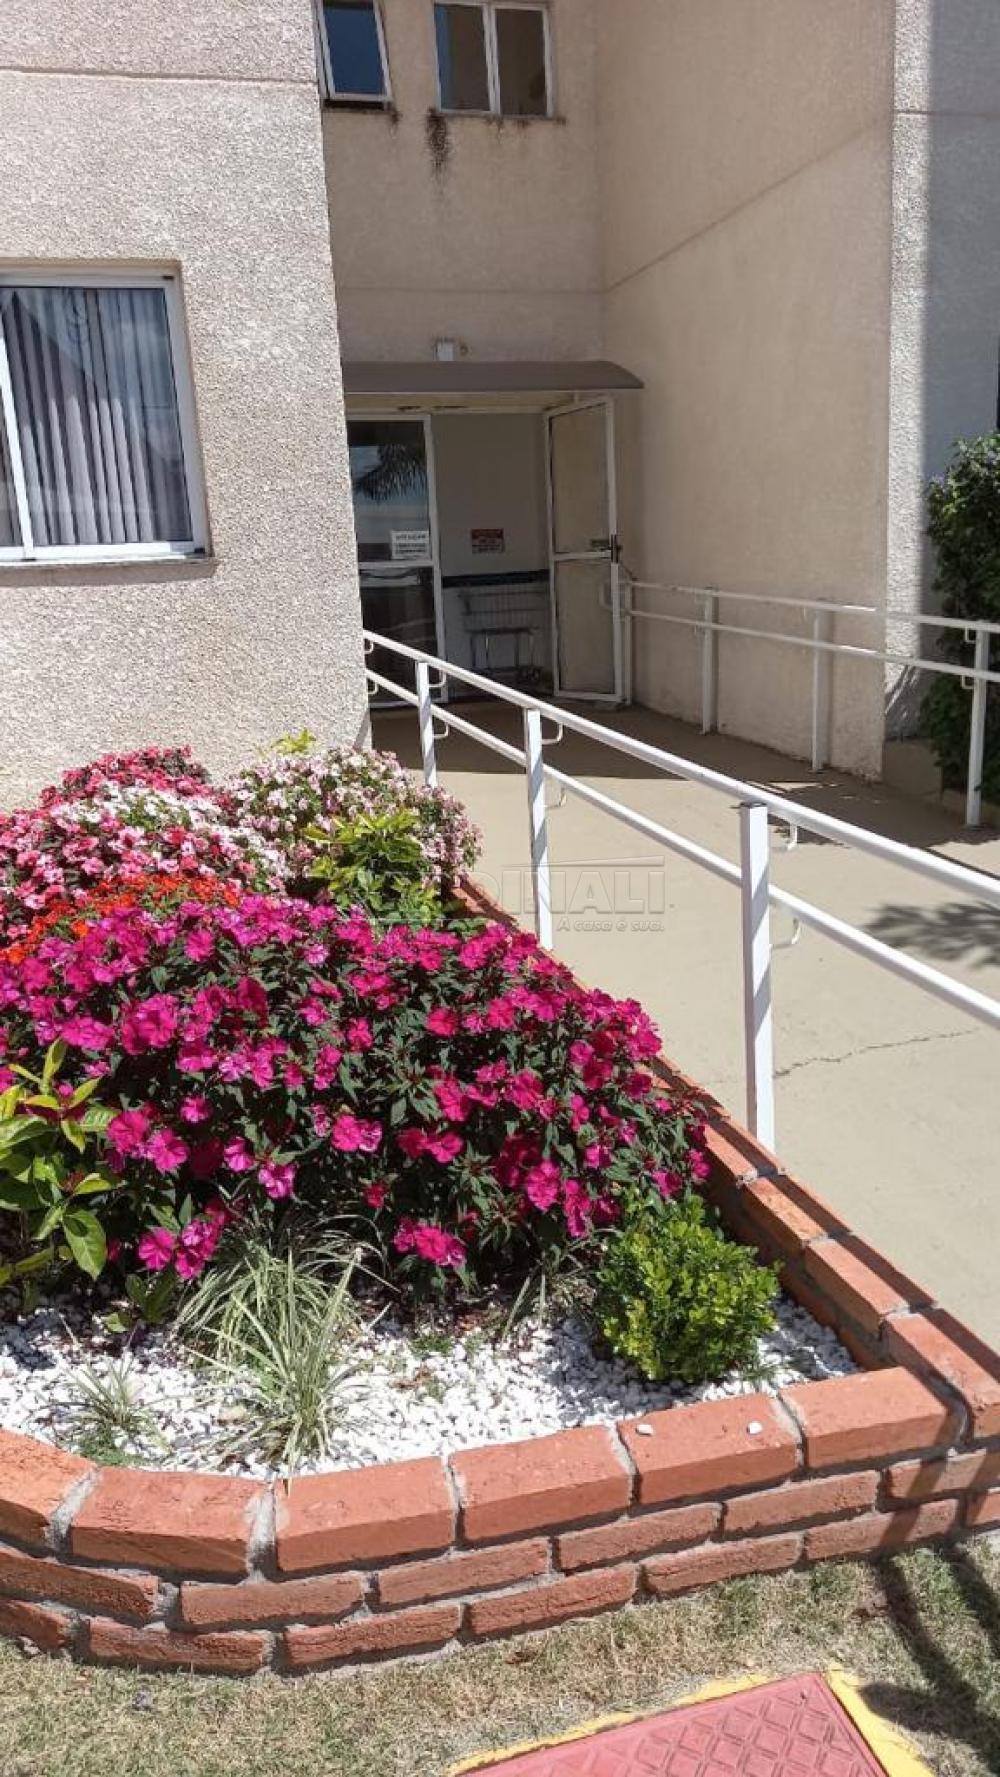 Alugar Apartamento / Padrão em São Carlos R$ 920,00 - Foto 32